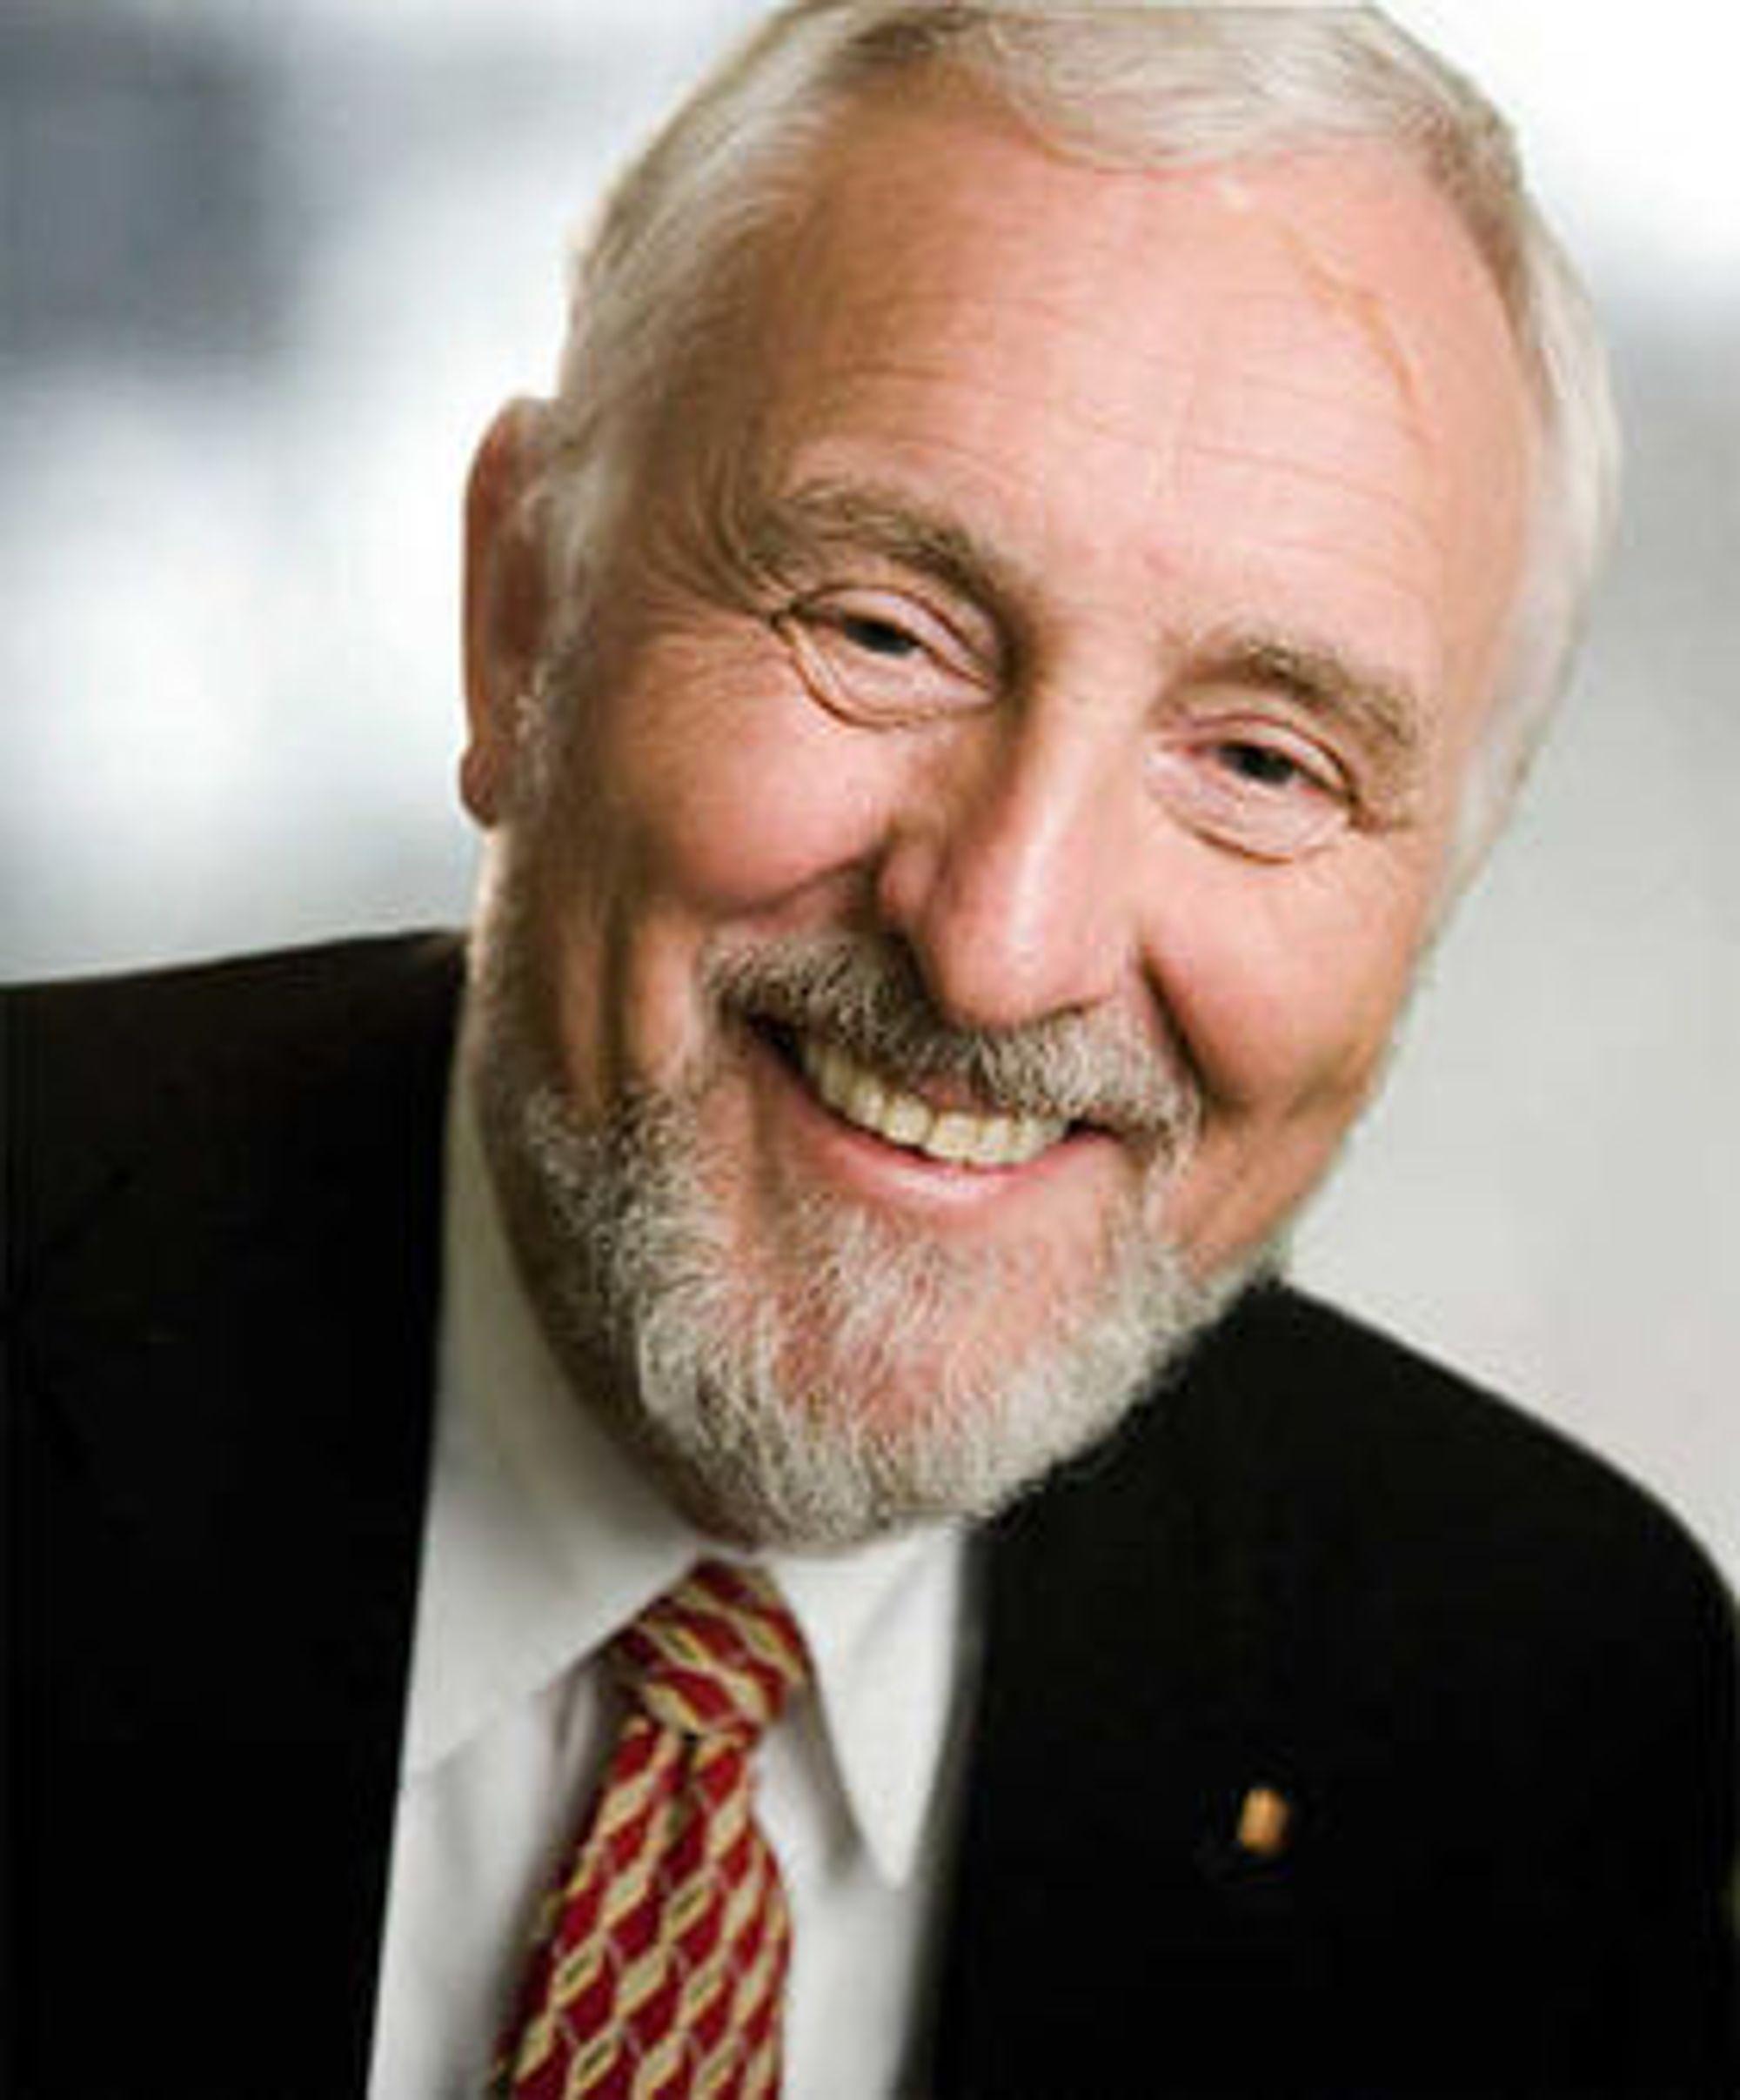 Jan Erik Korssjøen, tidligere konsernsjef i Kongsberg Gruppen, trekker seg som leder for bedriftsforsamlingen i Telenor.